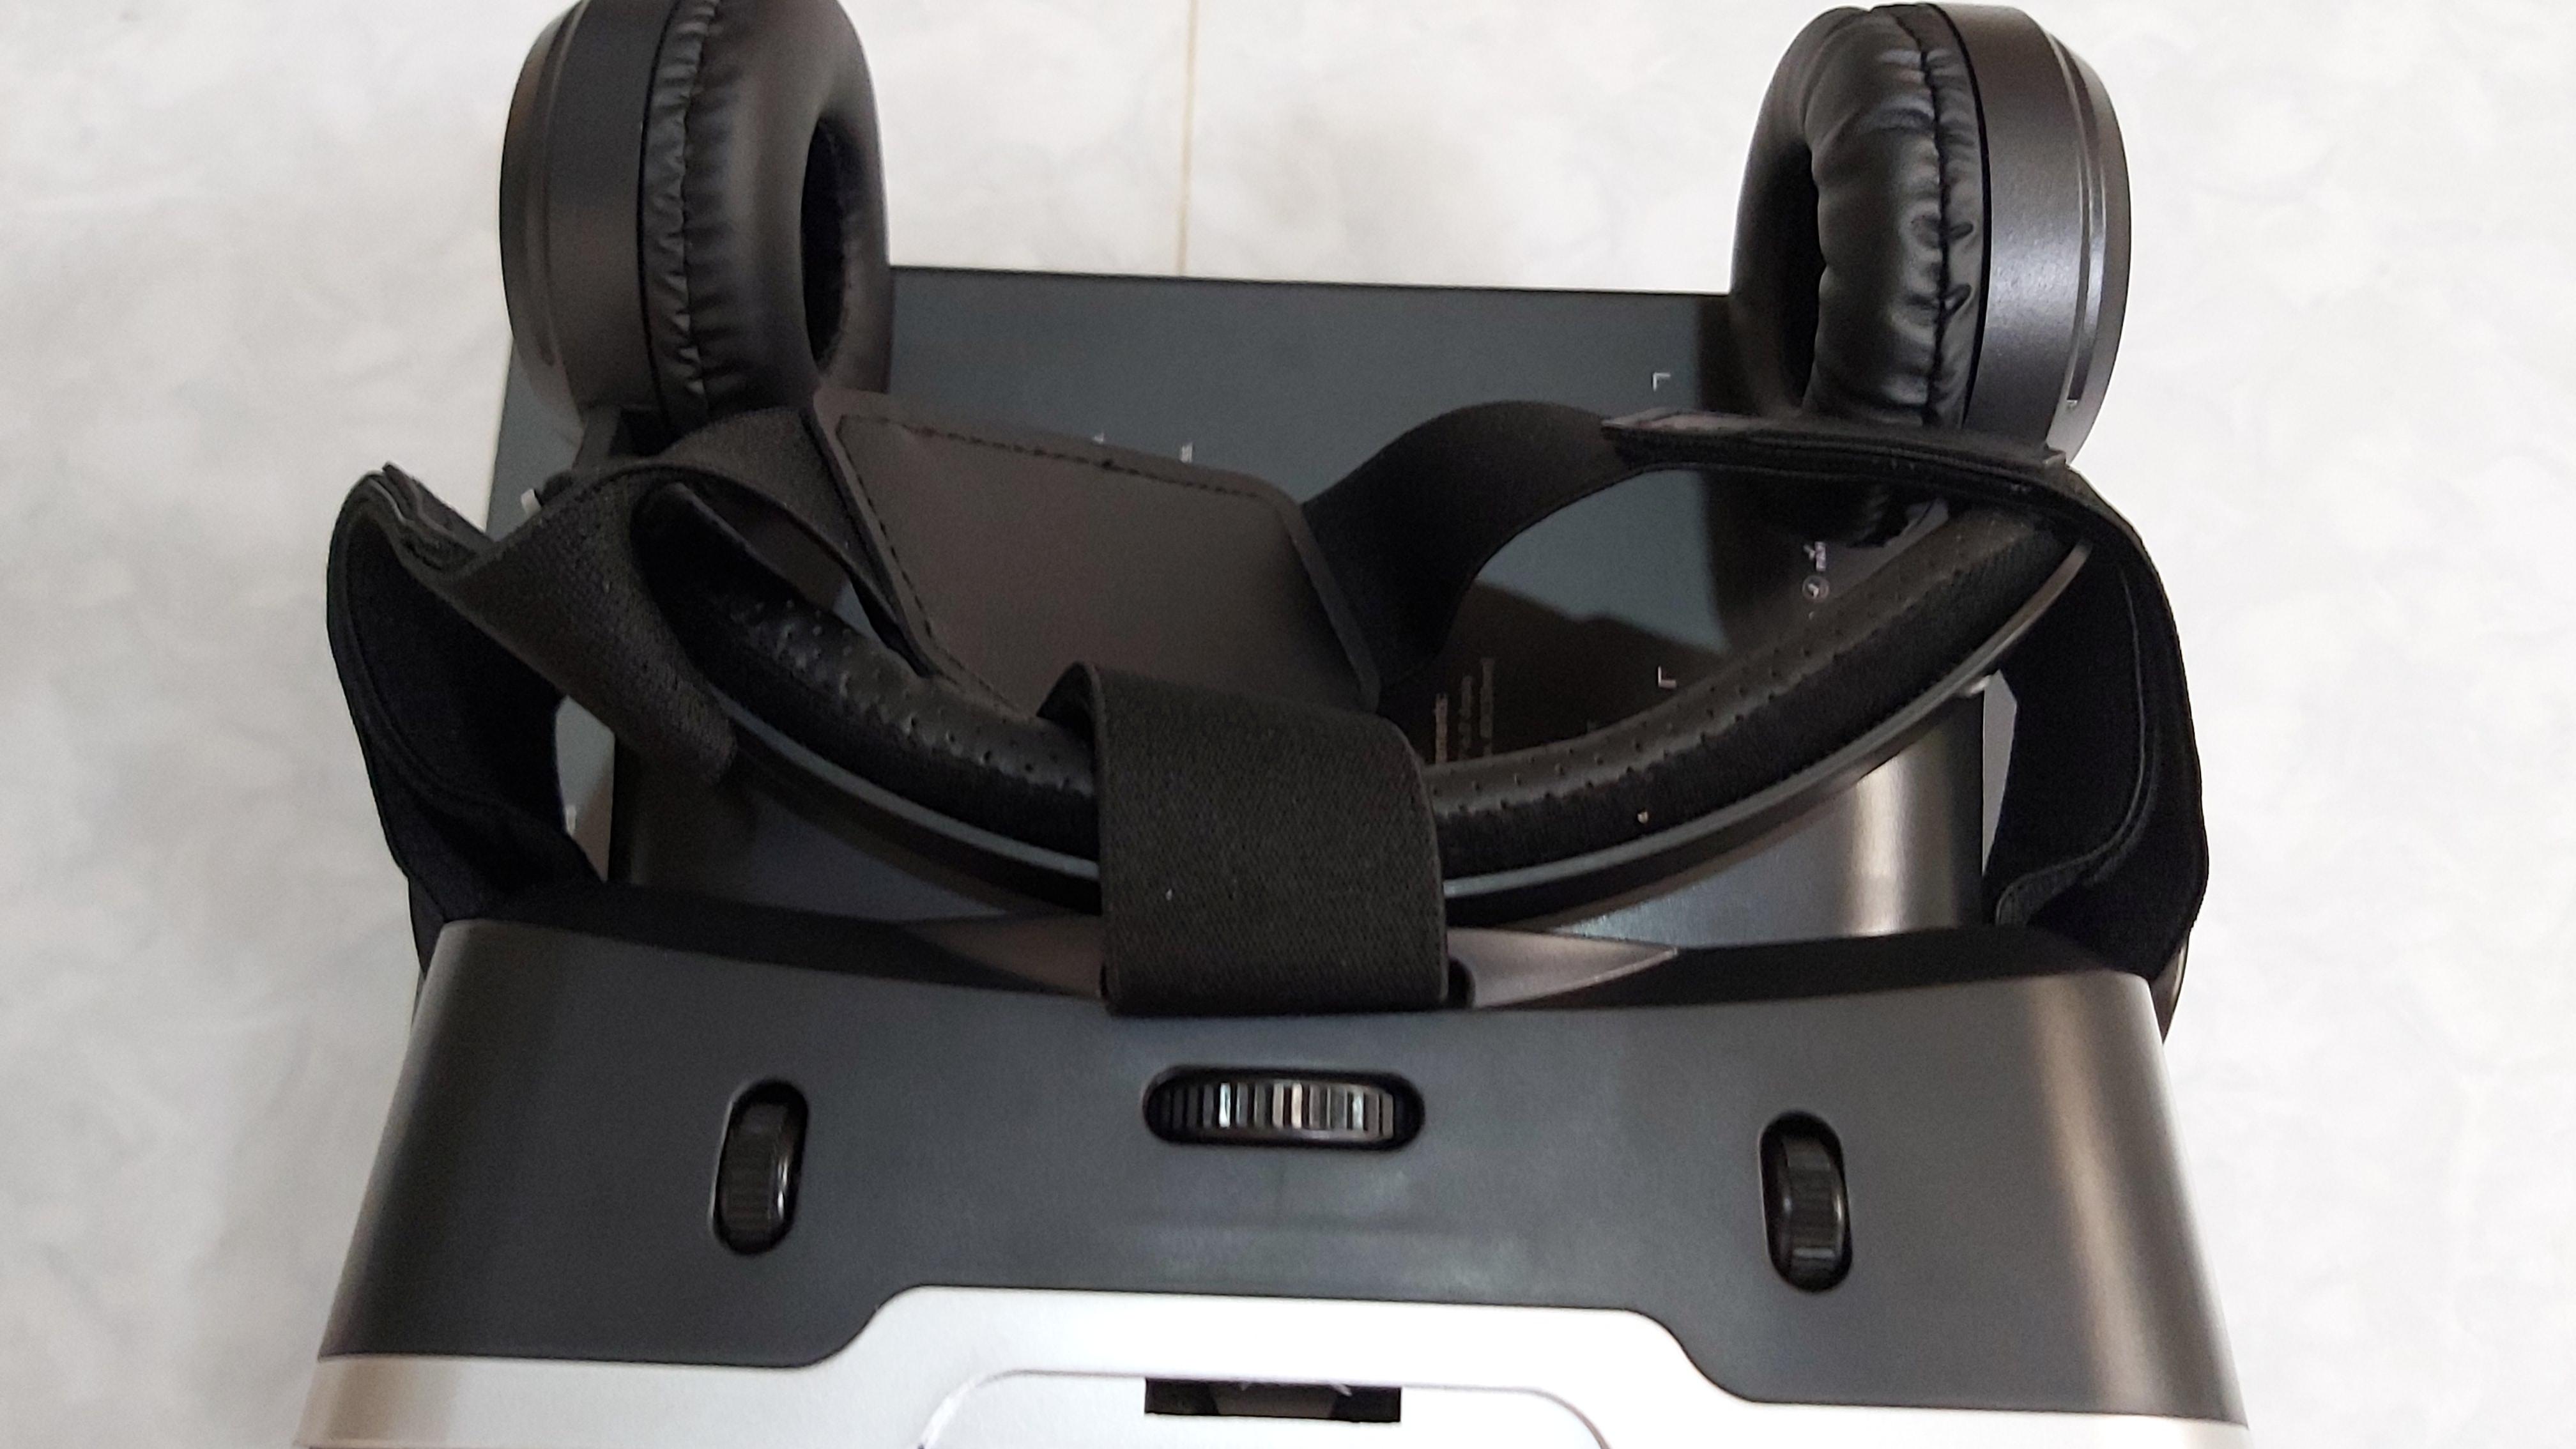 Kính thực tế ảo VR Shinecon thế hệ mới 2019 - Hàng nhập khẩu